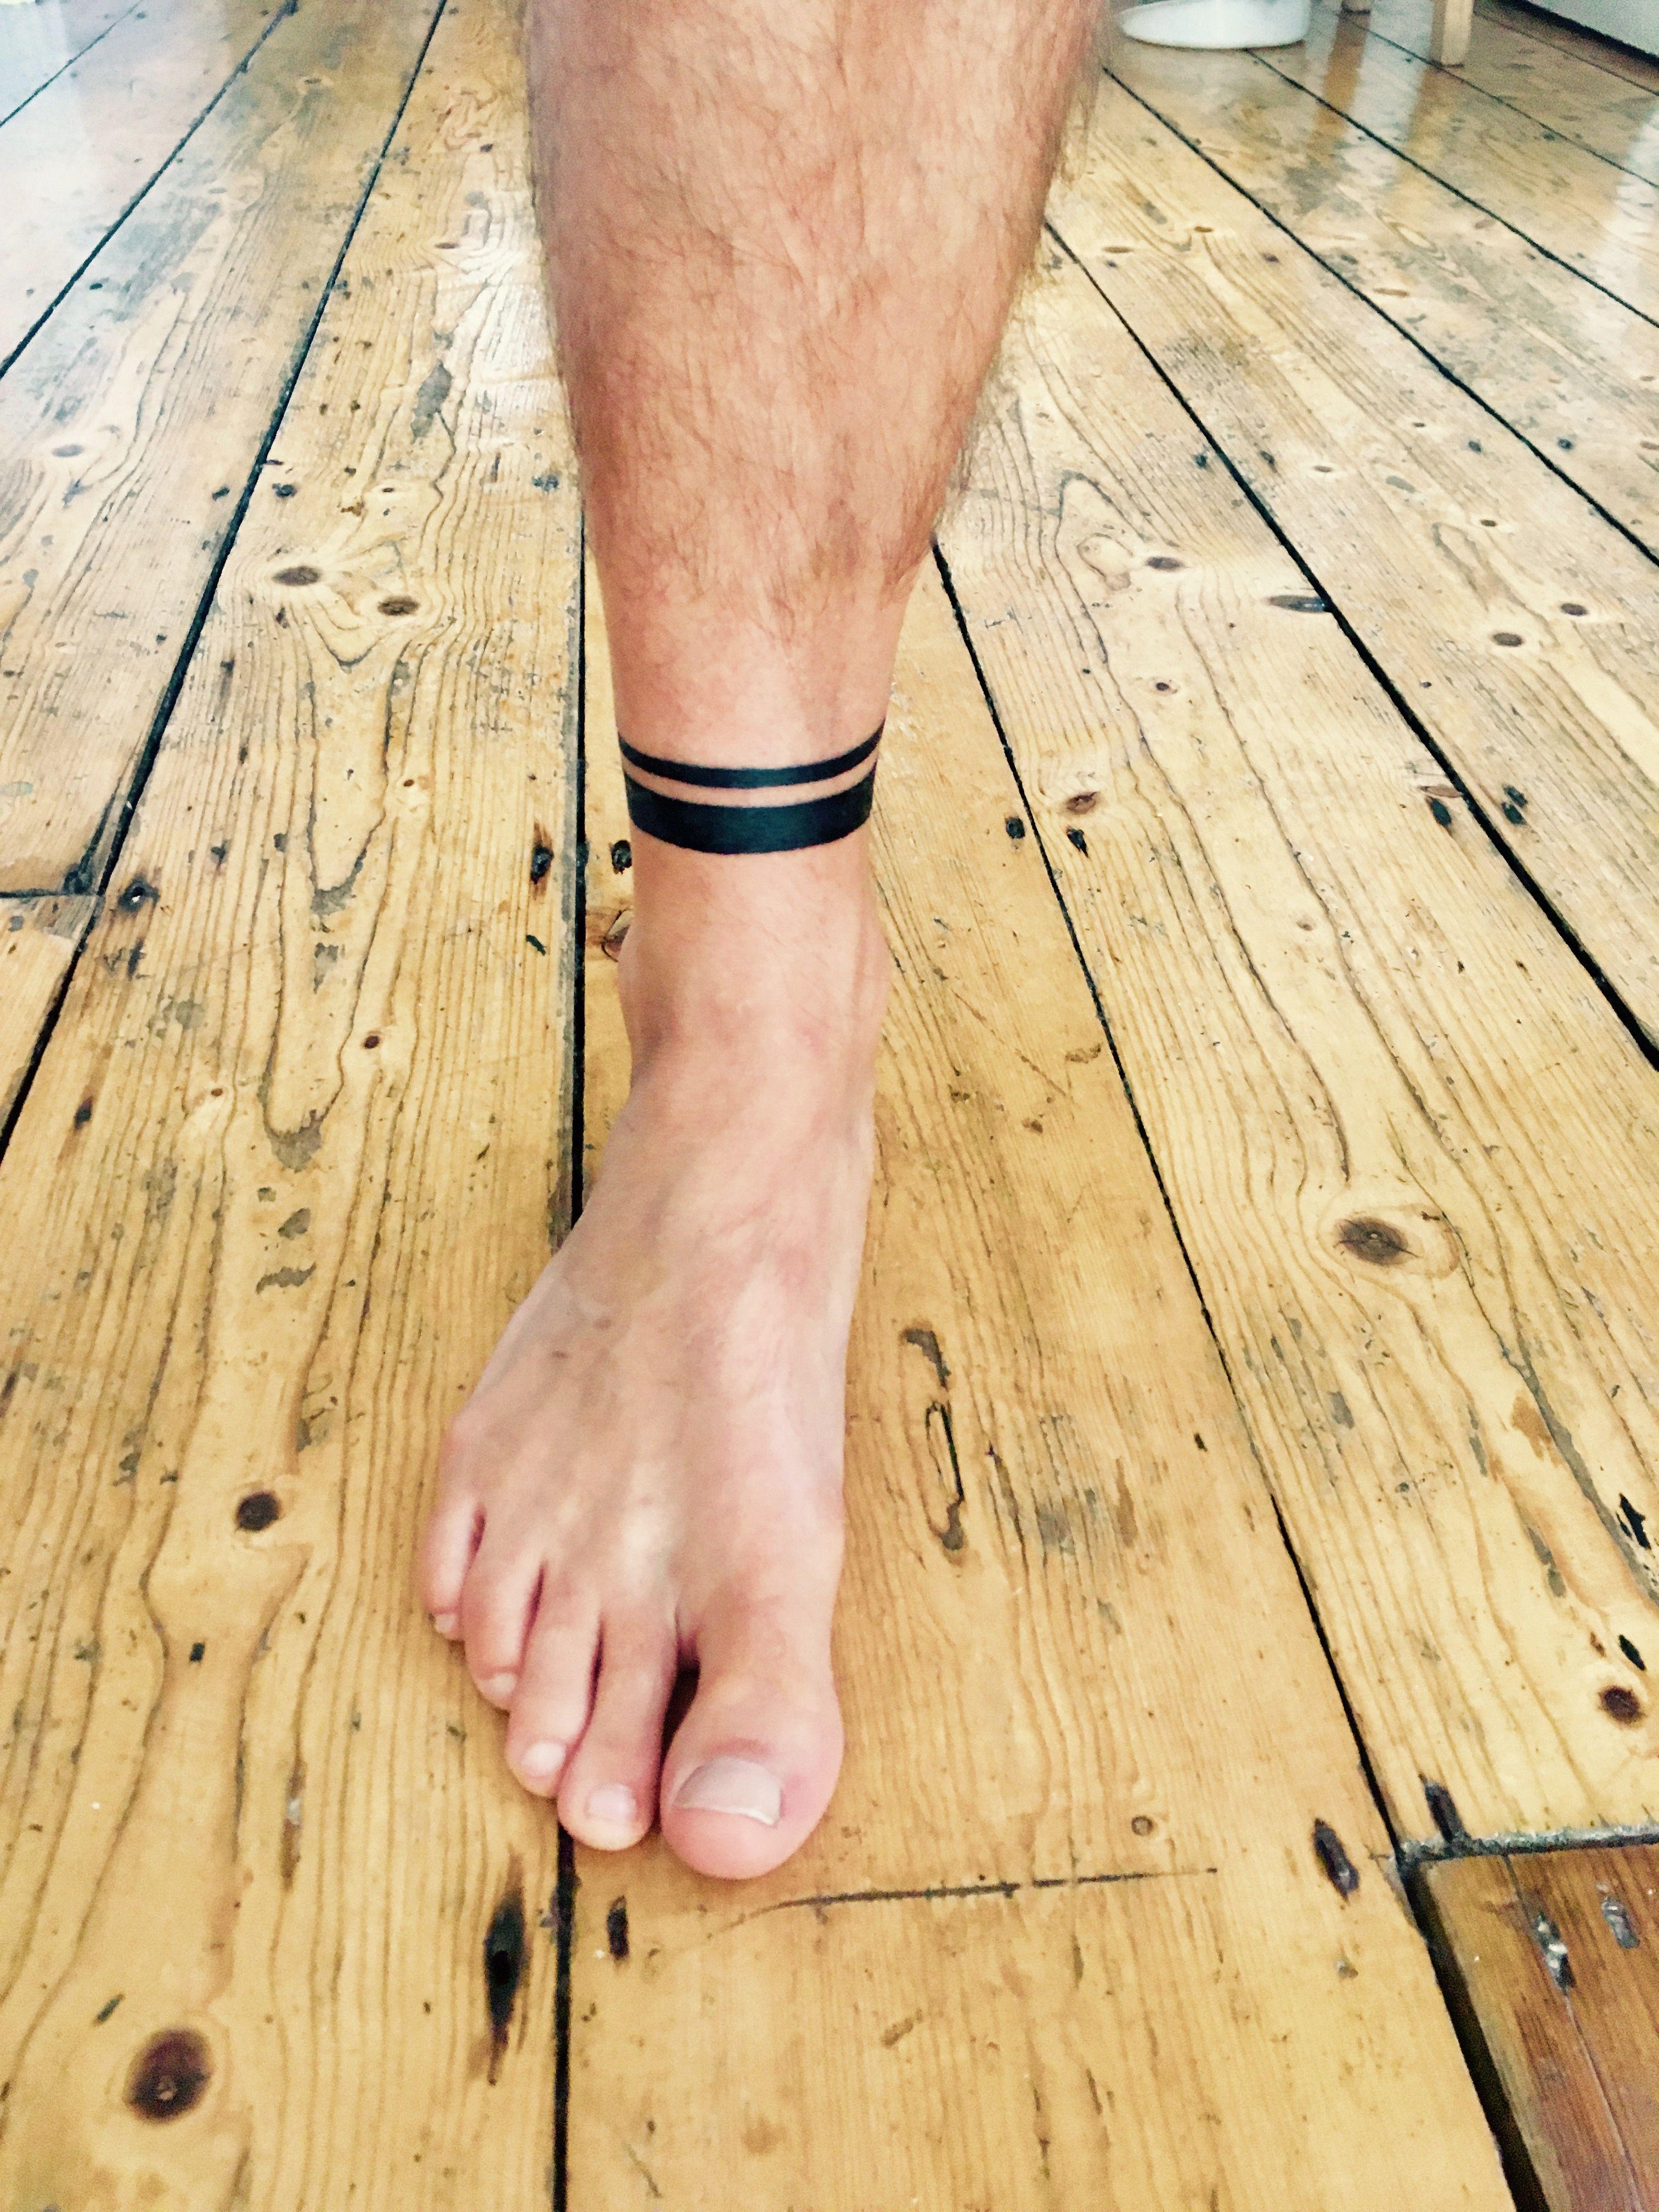 Ankle Bracelet Tattoo Black Bands Com Imagens Tatuagens Na Perna Masculinas Tatuagens No Pe Tatuagem De Banda